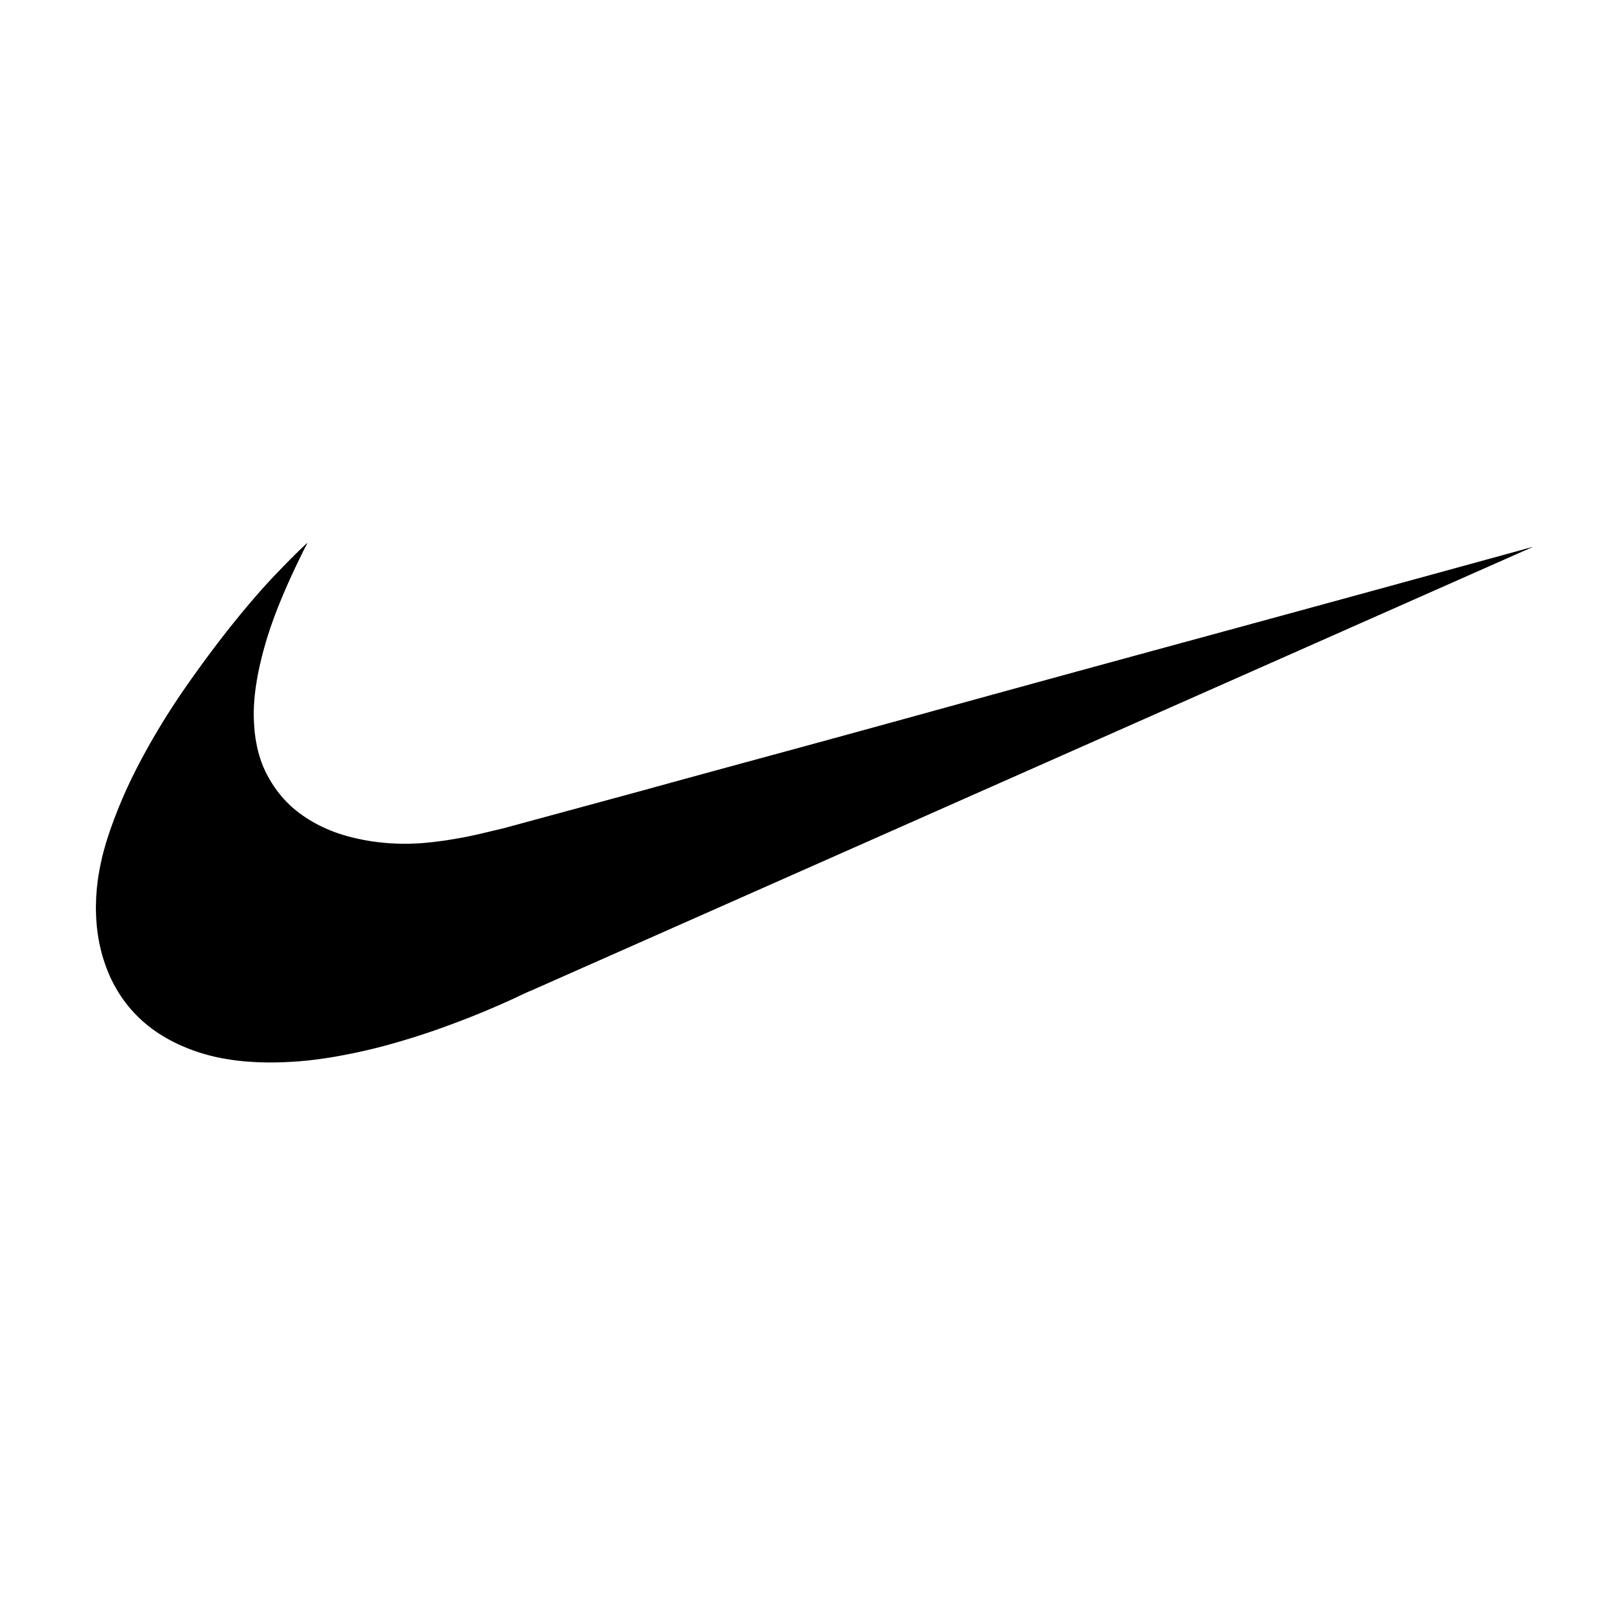 944249d42 Společnost Nike včera po closing bellu na amerických burzách vydala ...